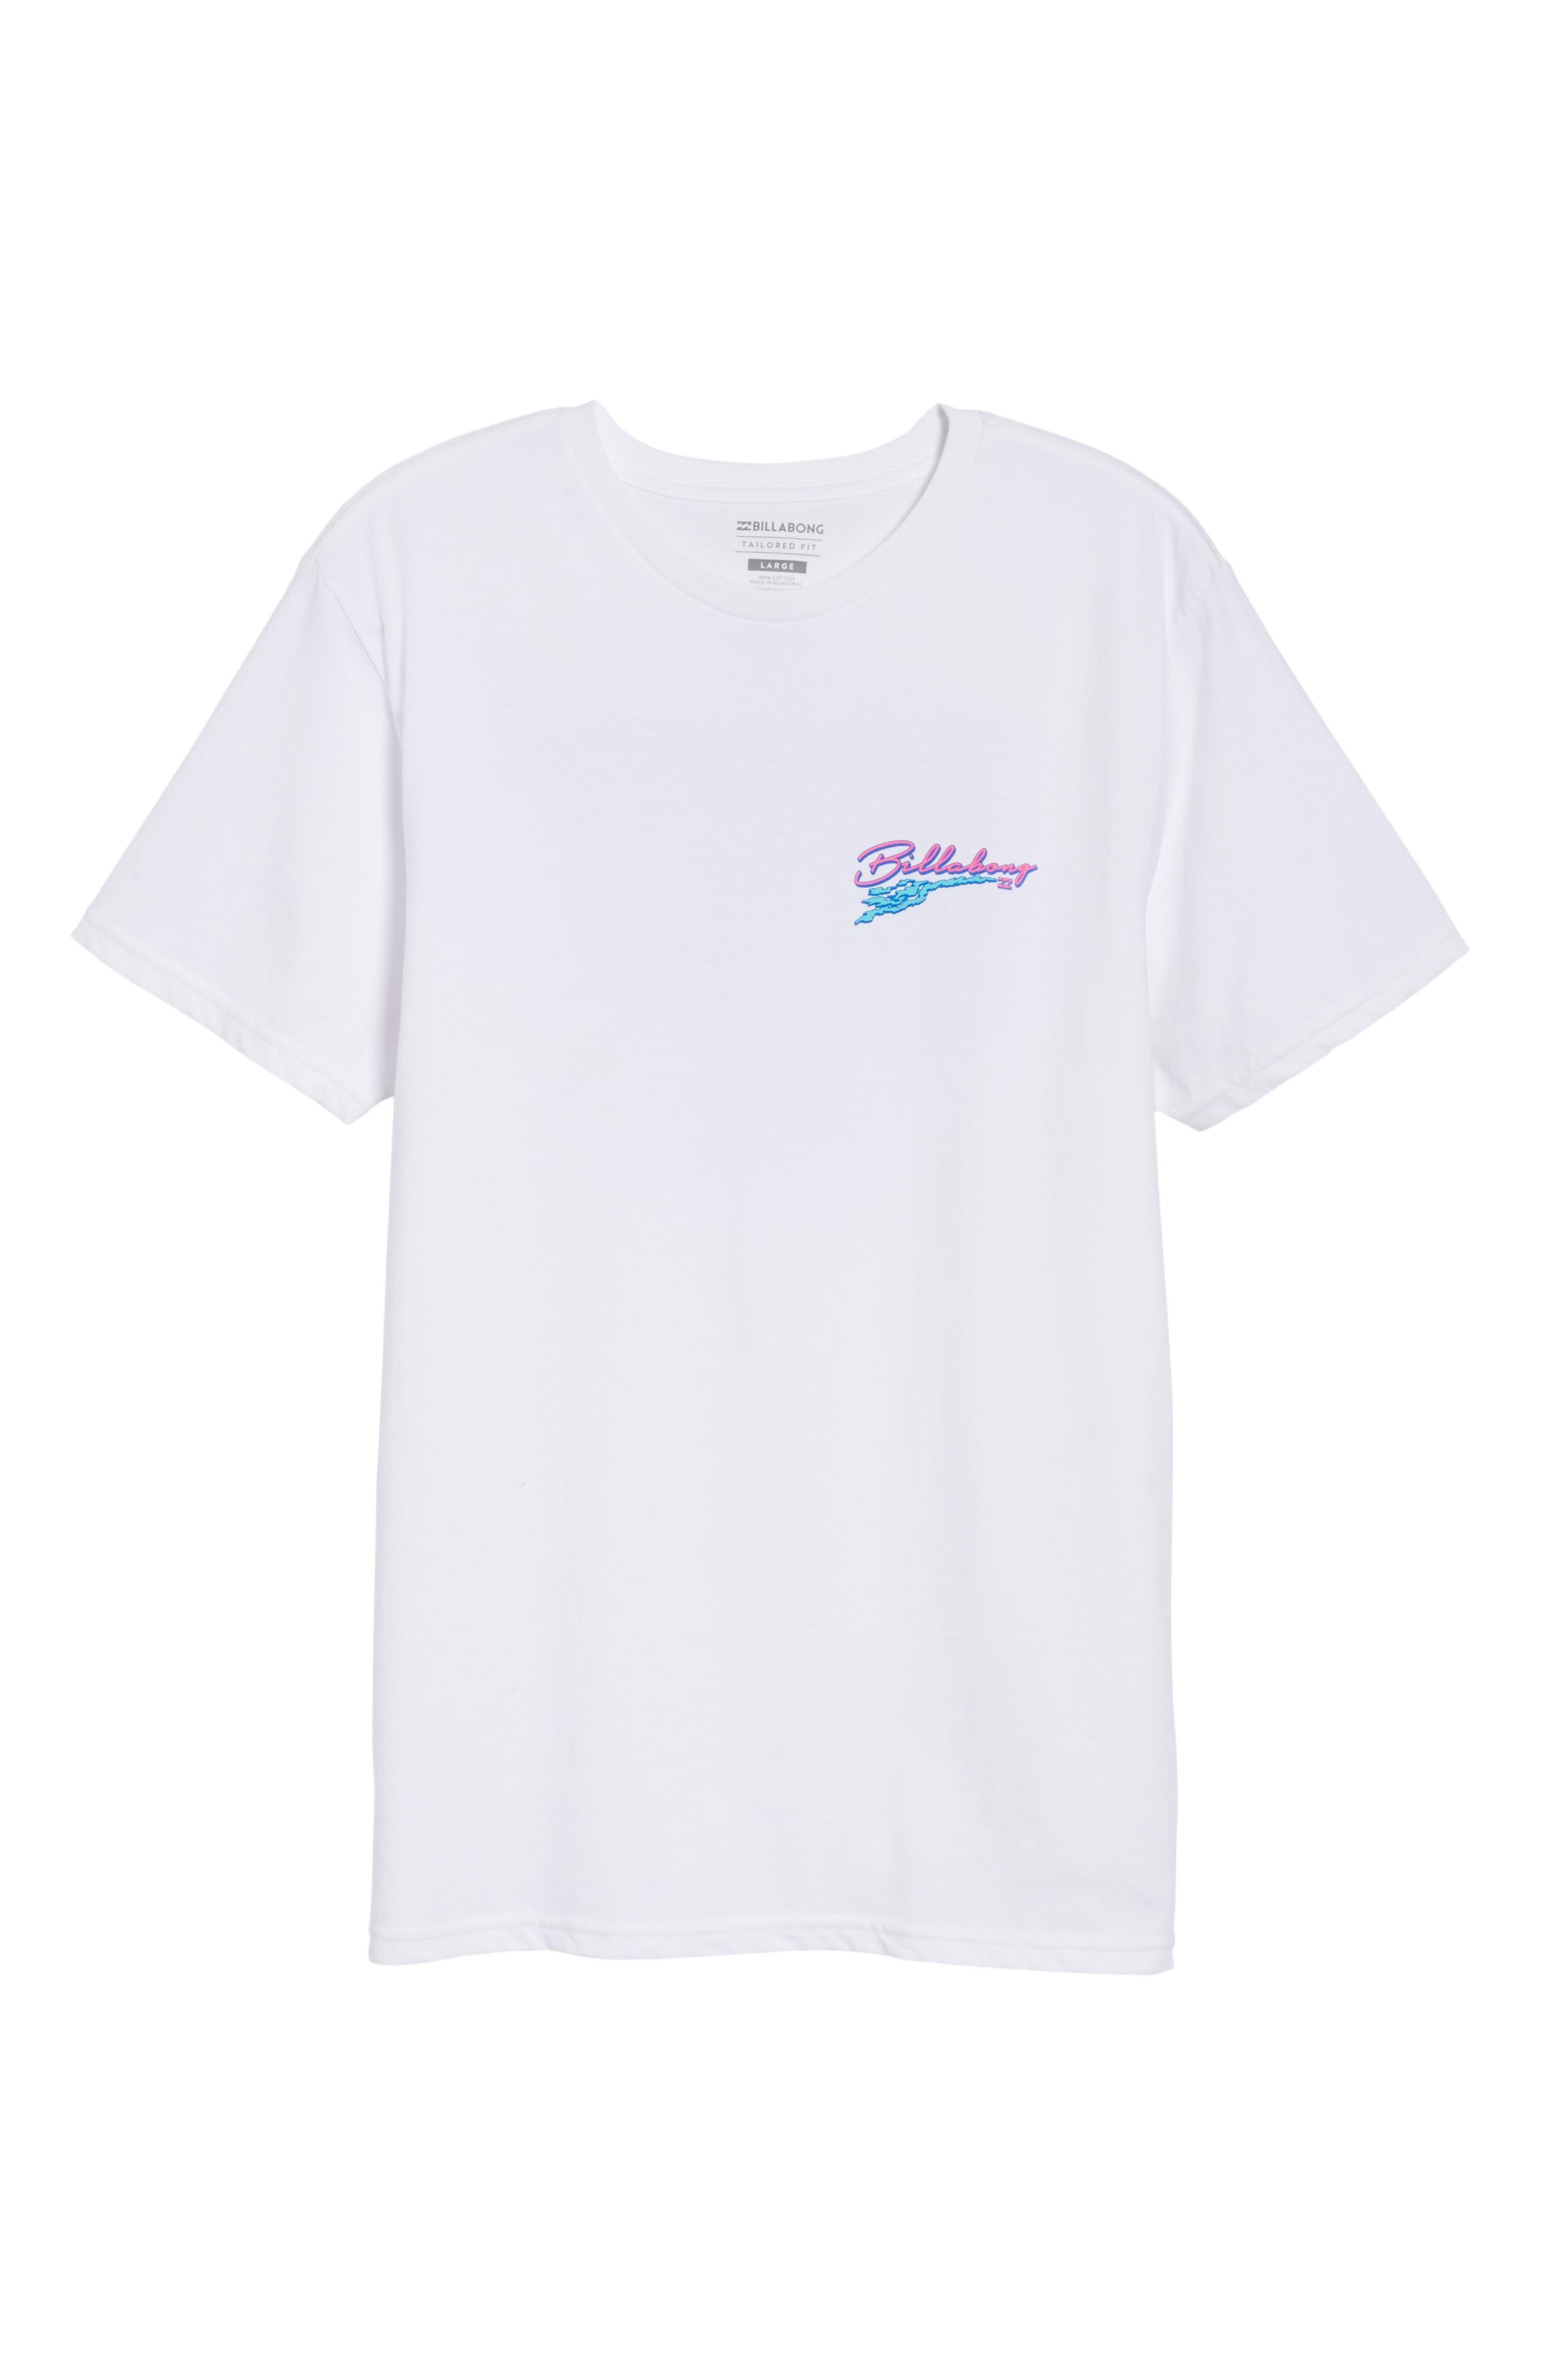 Pigdog T-Shirt,                             Alternate thumbnail 6, color,